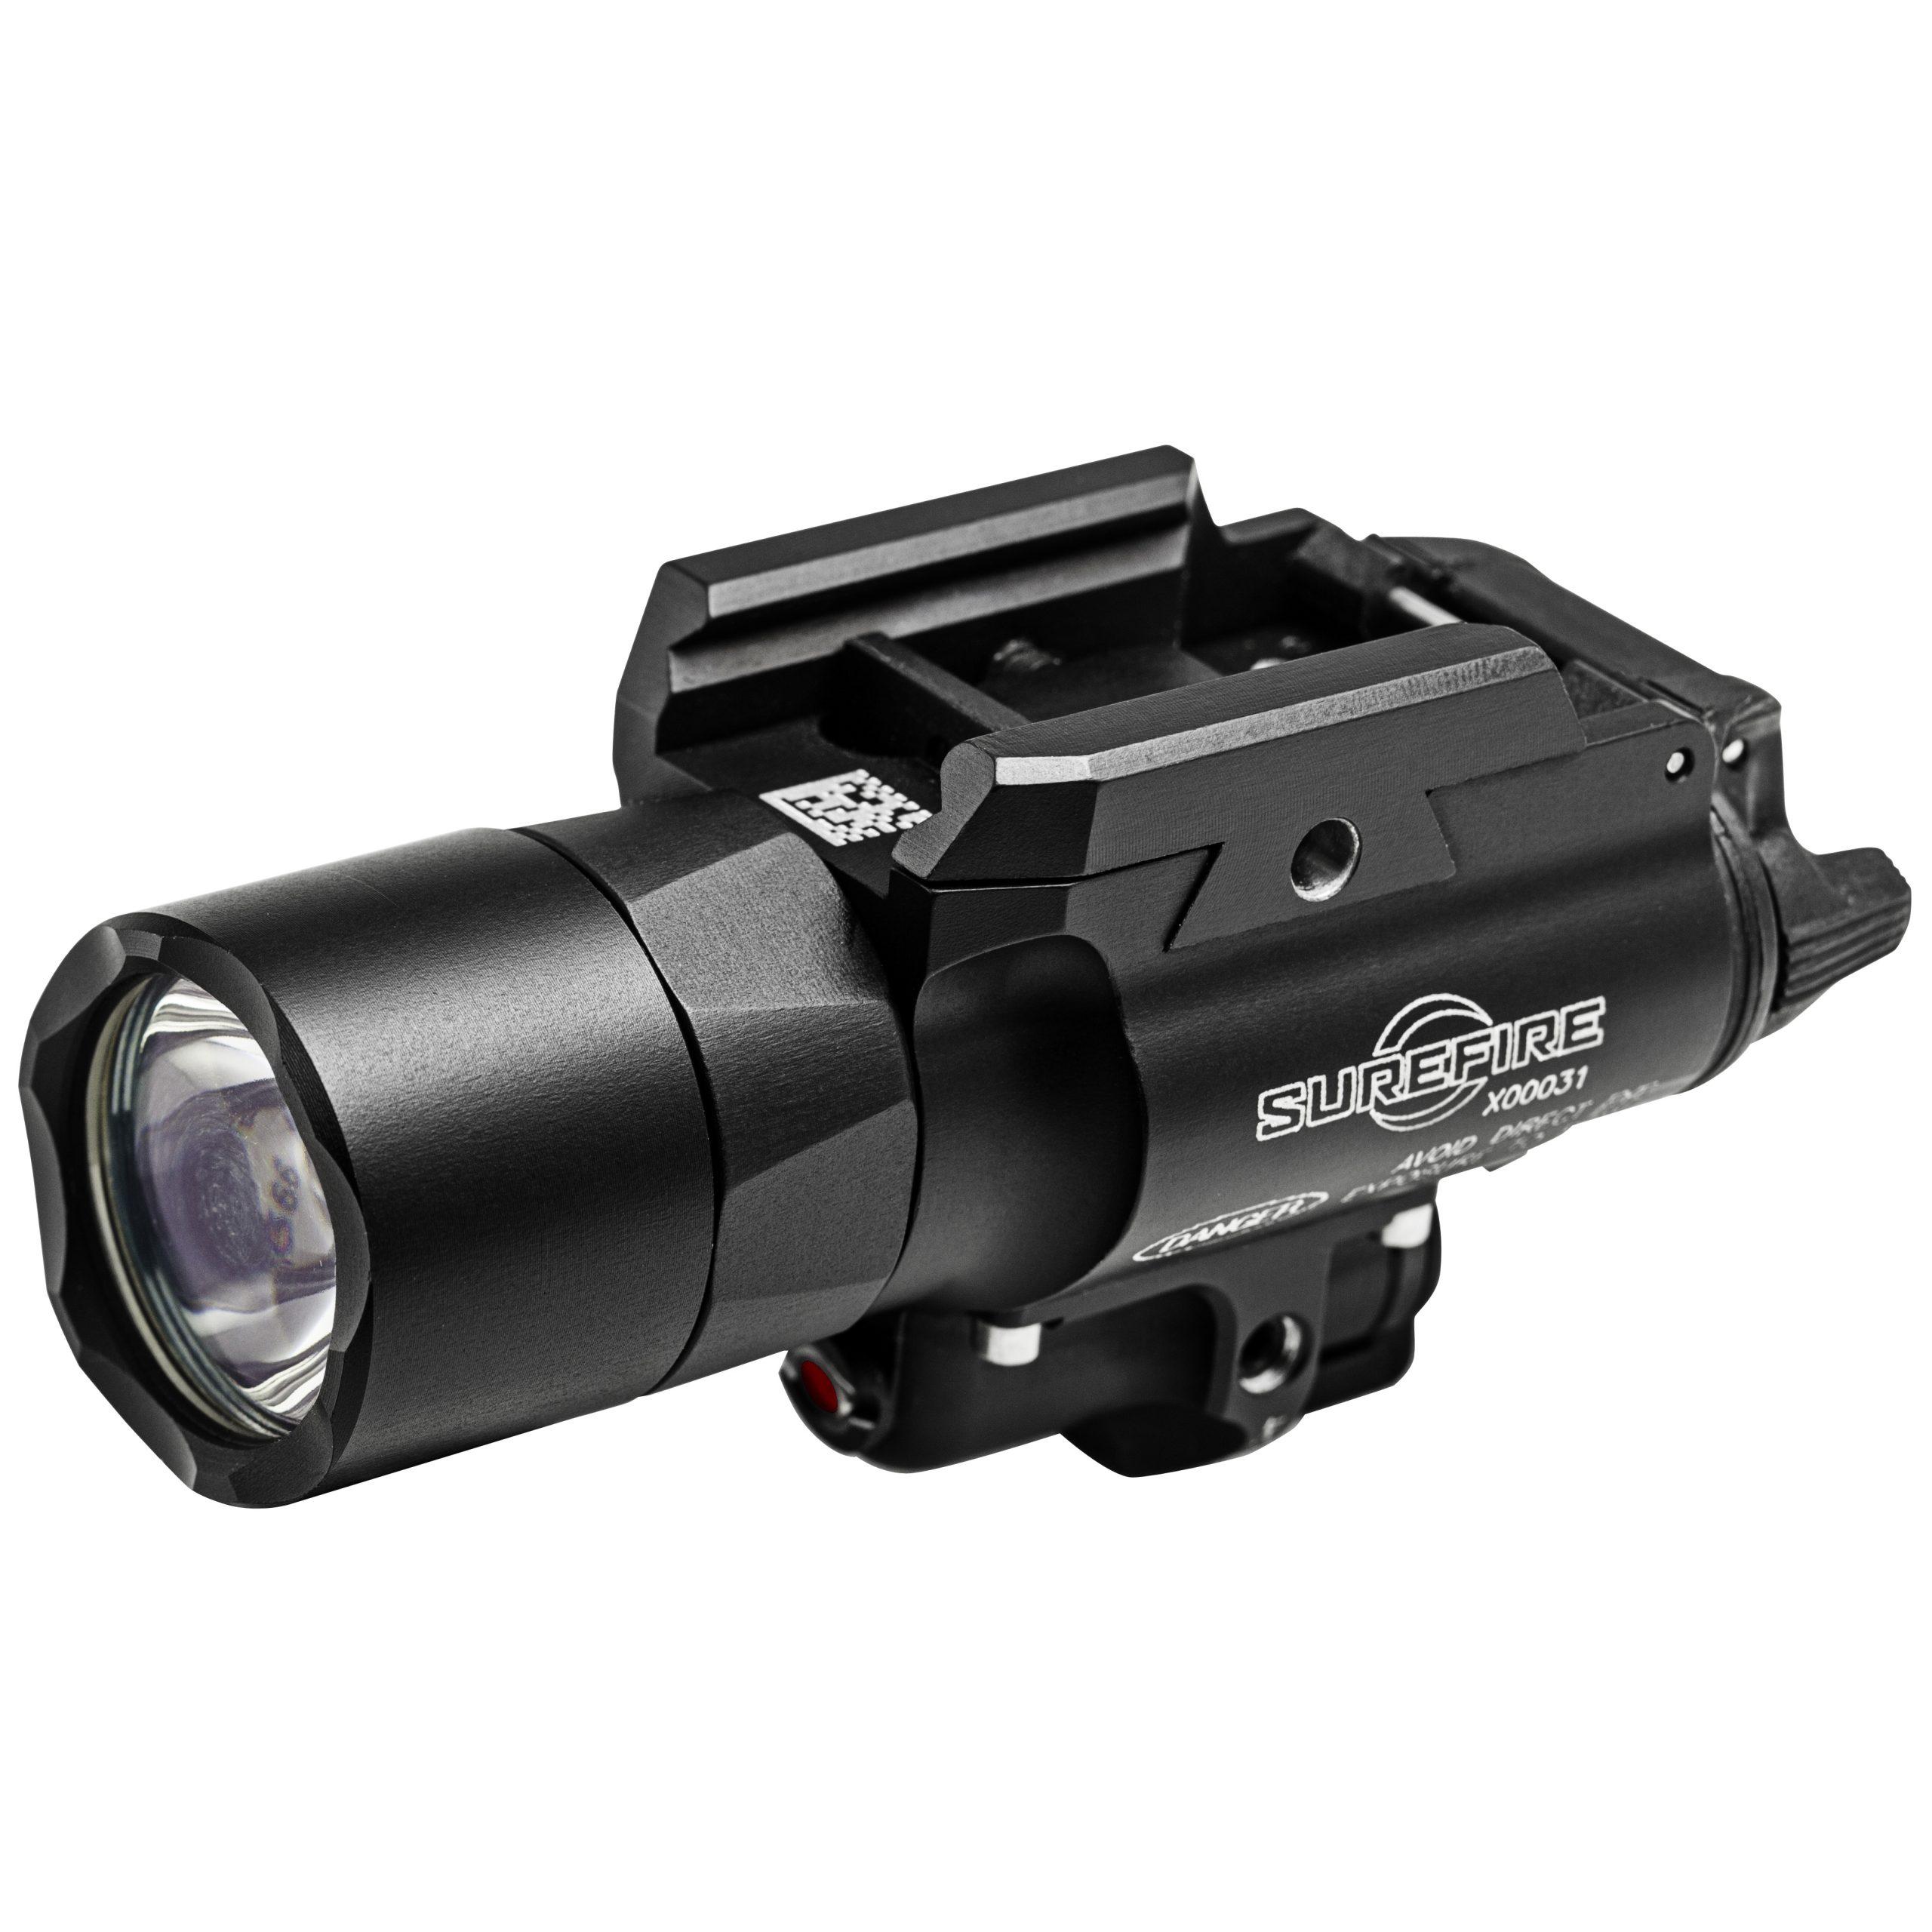 SUREFIRE-X400-ULTRA-RED-LASER-LED-HANDGUN-OR-LONG-GUN-WEAPONLIGHT-WITH-LASER_X400-Ultra_RD.jpg